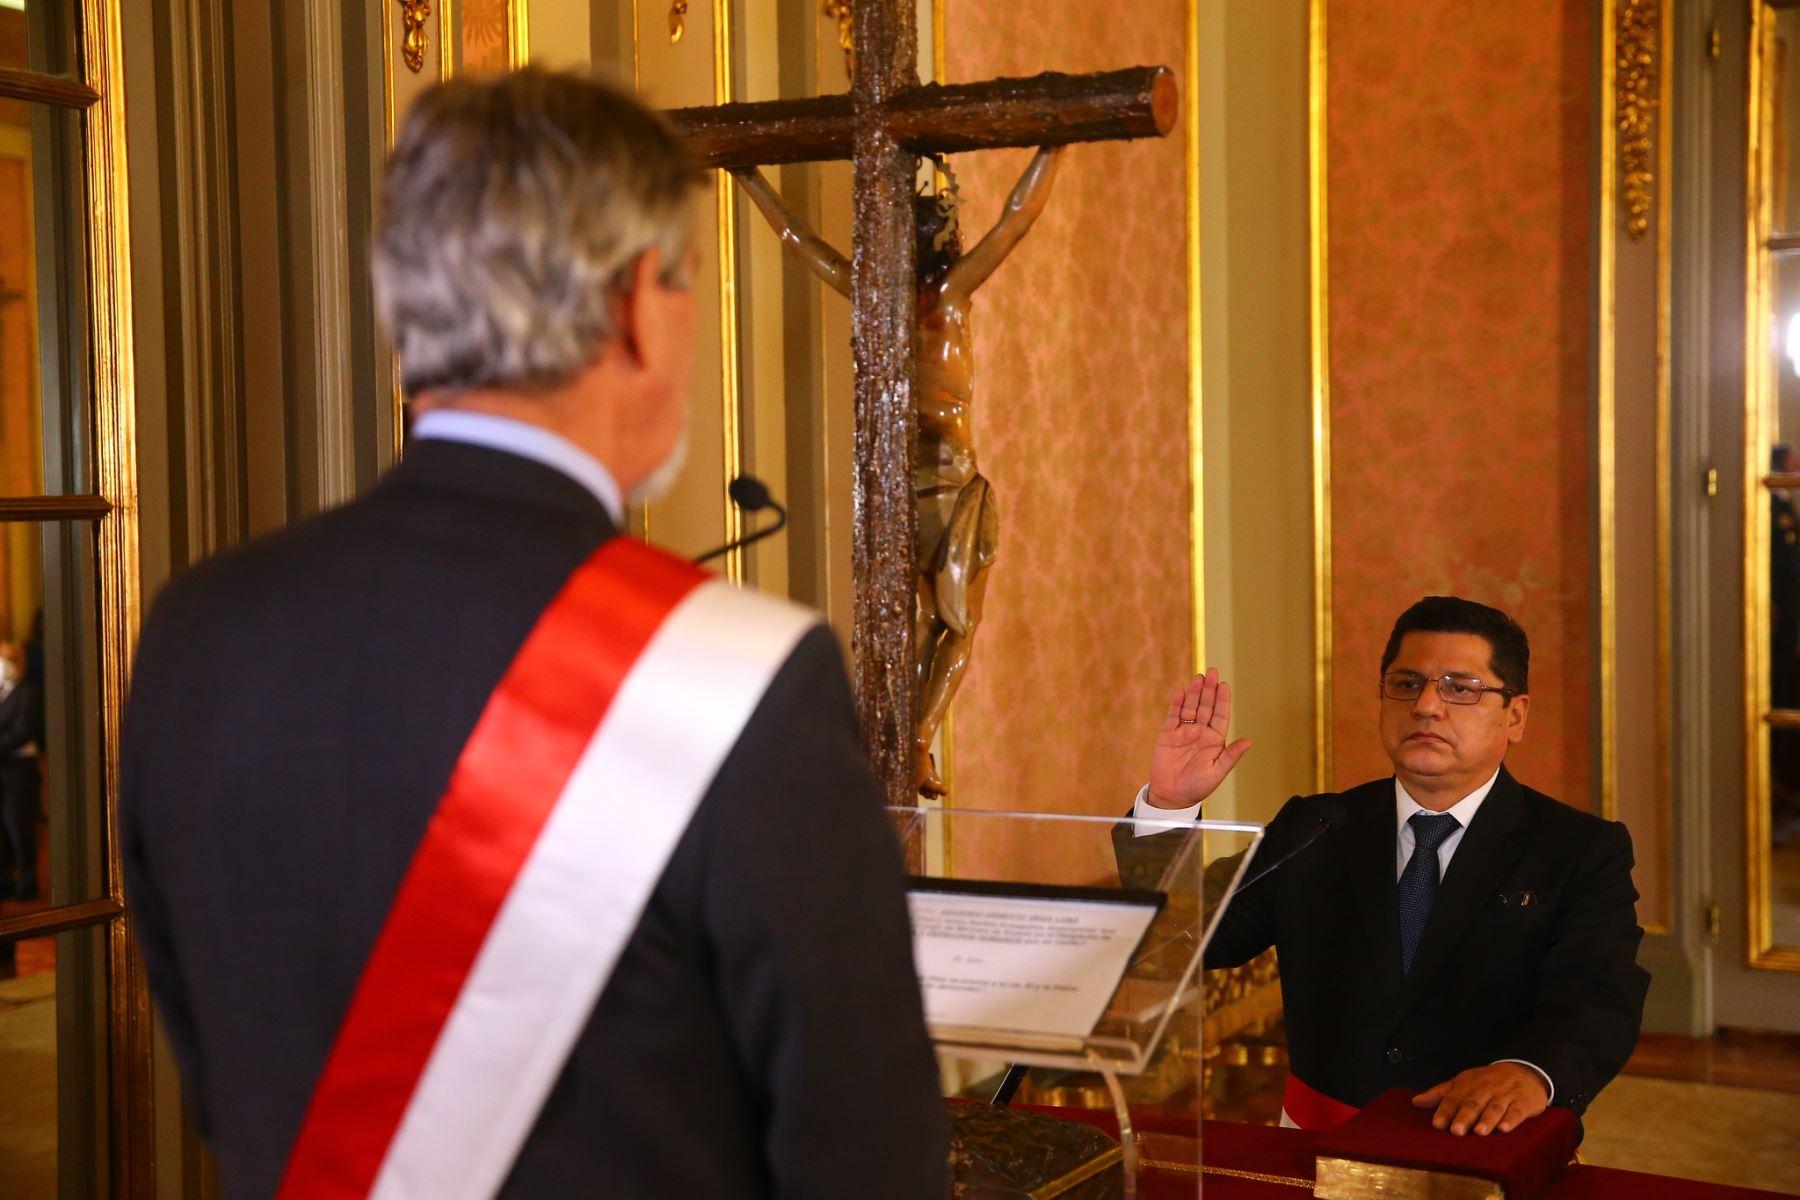 eduardo-vega-conoce-la-trayectoria-del-ministro-de-justicia-y-derechos-humanos